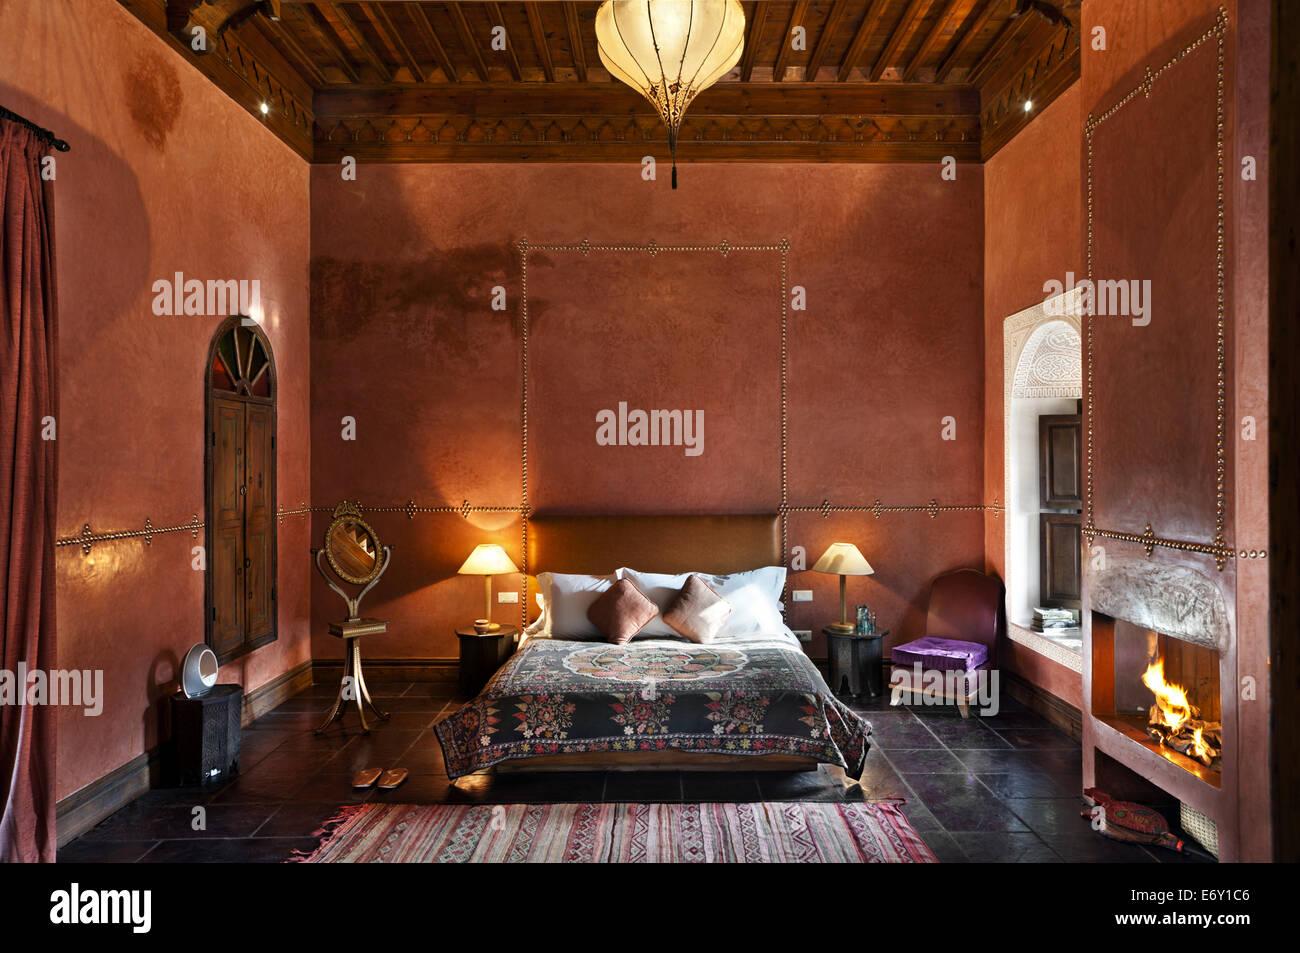 Camere Da Letto Marocco : Camera da letto nella camera el fenn marrakech marocco foto